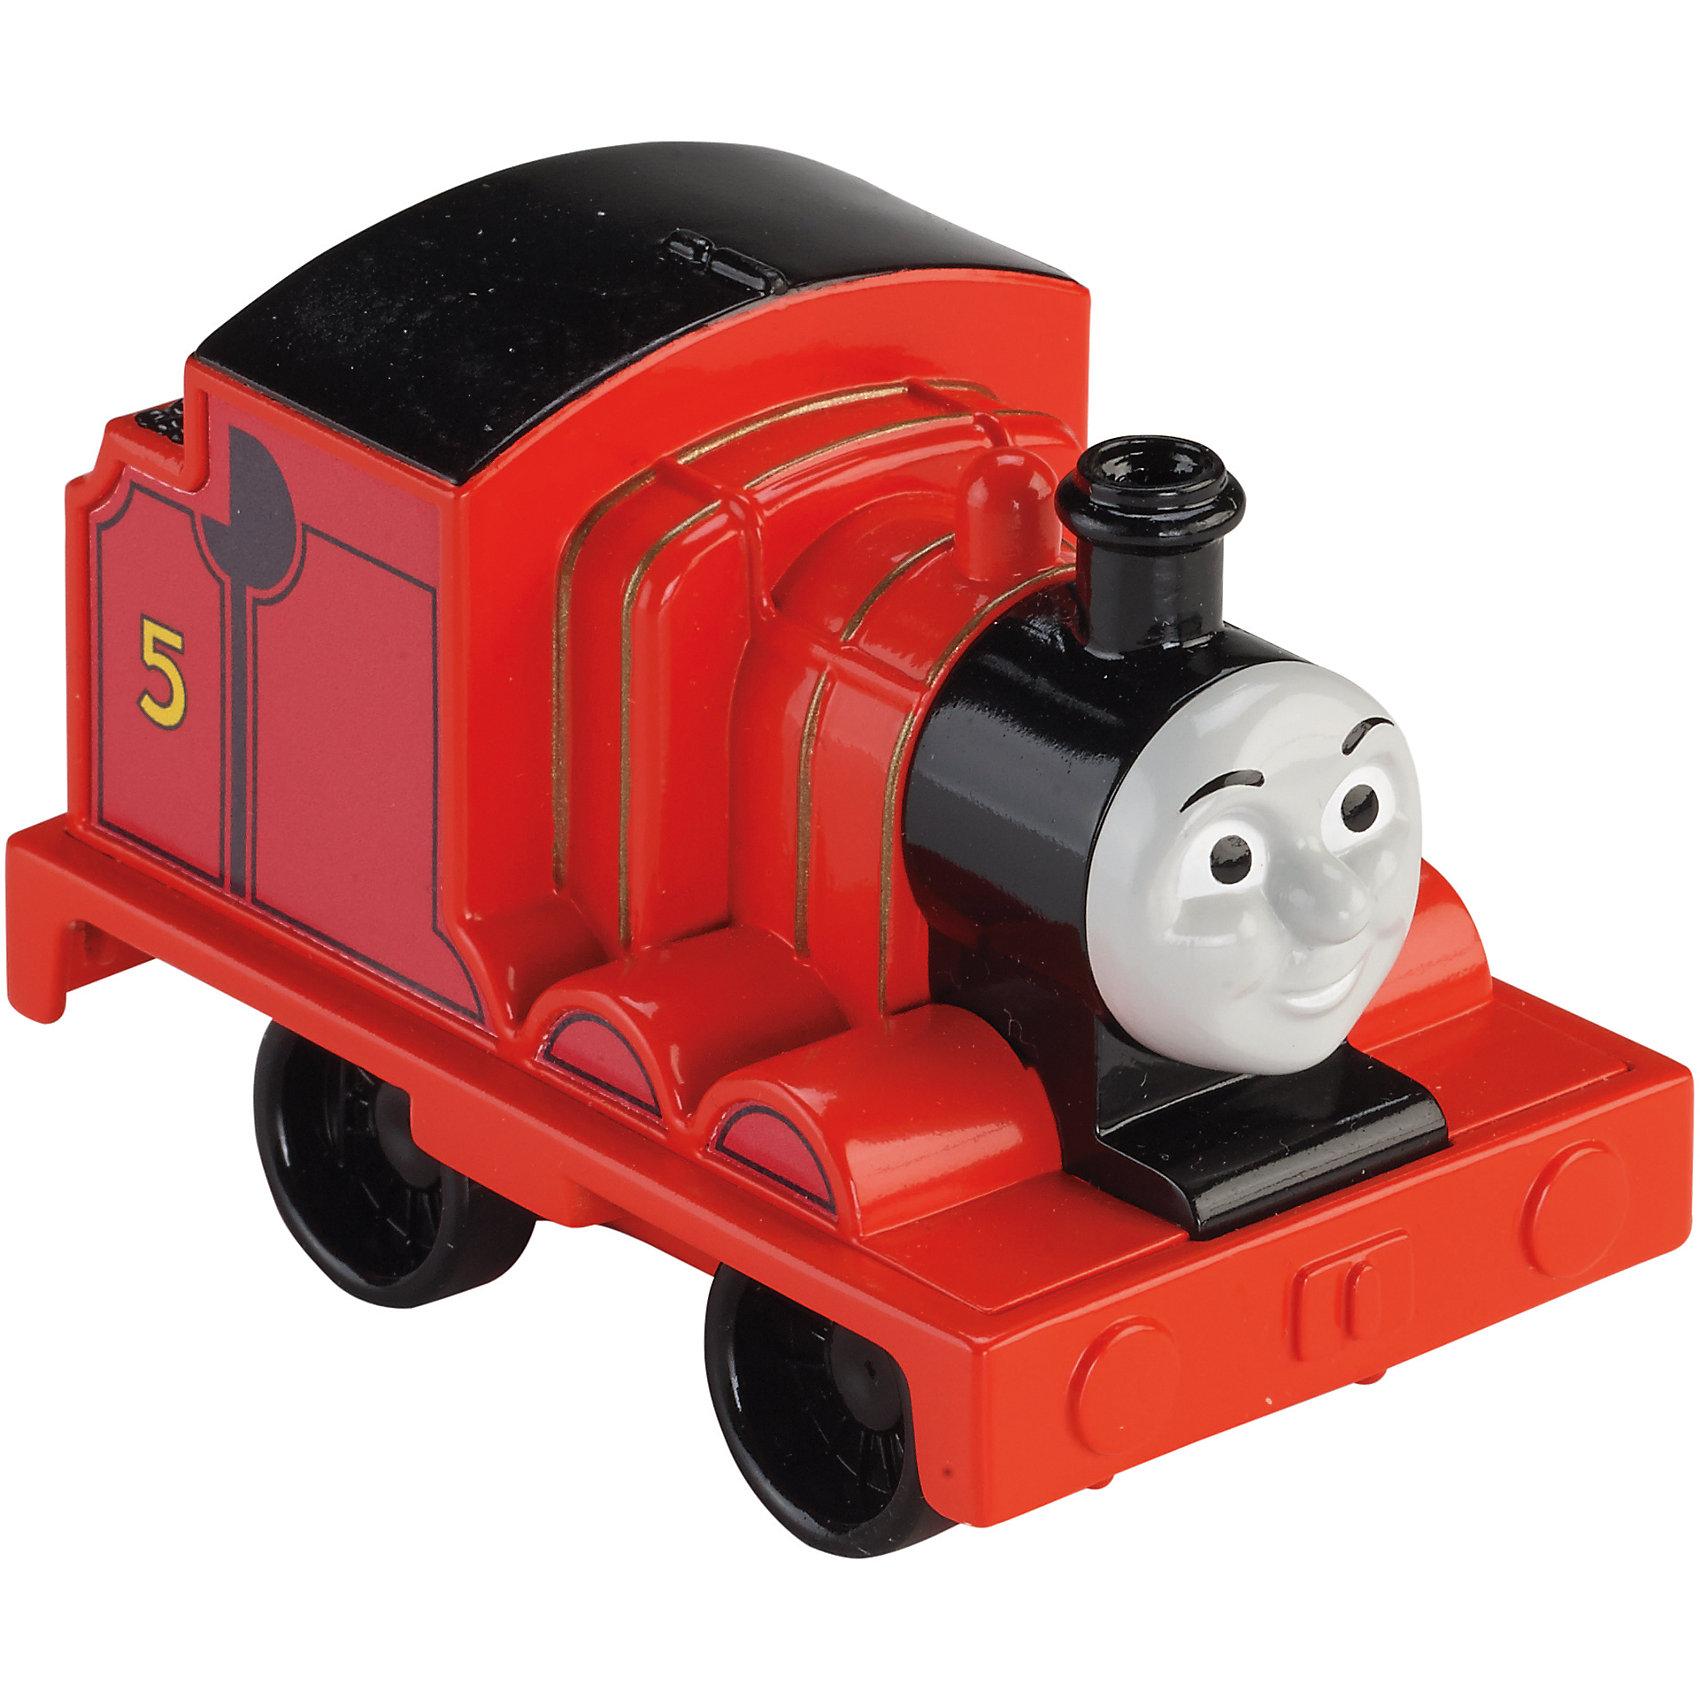 Веселые друзья-паровозики, Томас и его друзьяИгрушечная железная дорога<br>Веселые друзья-паровозики, Томас и его друзья – это паровозик привлечет внимание вашего малыша и не позволит ему скучать.<br>Маленький, свободно перемещающийся паровозик Джеймс выполнен из пластика в виде персонажа популярного мультсериала Томас и его друзья. Джеймс - тендерный паровоз под номером 5. Он самый самовлюбленный из всех паровозов острова Содор, считая, что красный цвет делает его исключительным. Паровозик можно катать по самым разным поверхностям, т.к. у него гладкие колеса. Маленькие паровозики удобны и идеально подходят даже для самых маленьких! Игрушки можно толкать перед собой, что очень понравиться любому малышу! В продаже имеются пять персонажей серии «Томас и его друзья»: Томас, Перси, Гарольд, Дизель и Гордон.<br><br>Дополнительная информация:<br><br>- Размер паровозика: 6,3 x 5,7 x 9,3 см.<br>- Материал: пластик<br><br>Паровозик Джеймс серии Веселые друзья-паровозики, Томас и его друзья можно купить в нашем интернет-магазине.<br><br>Ширина мм: 310<br>Глубина мм: 305<br>Высота мм: 100<br>Вес г: 106<br>Возраст от месяцев: 18<br>Возраст до месяцев: 36<br>Пол: Мужской<br>Возраст: Детский<br>SKU: 4713581